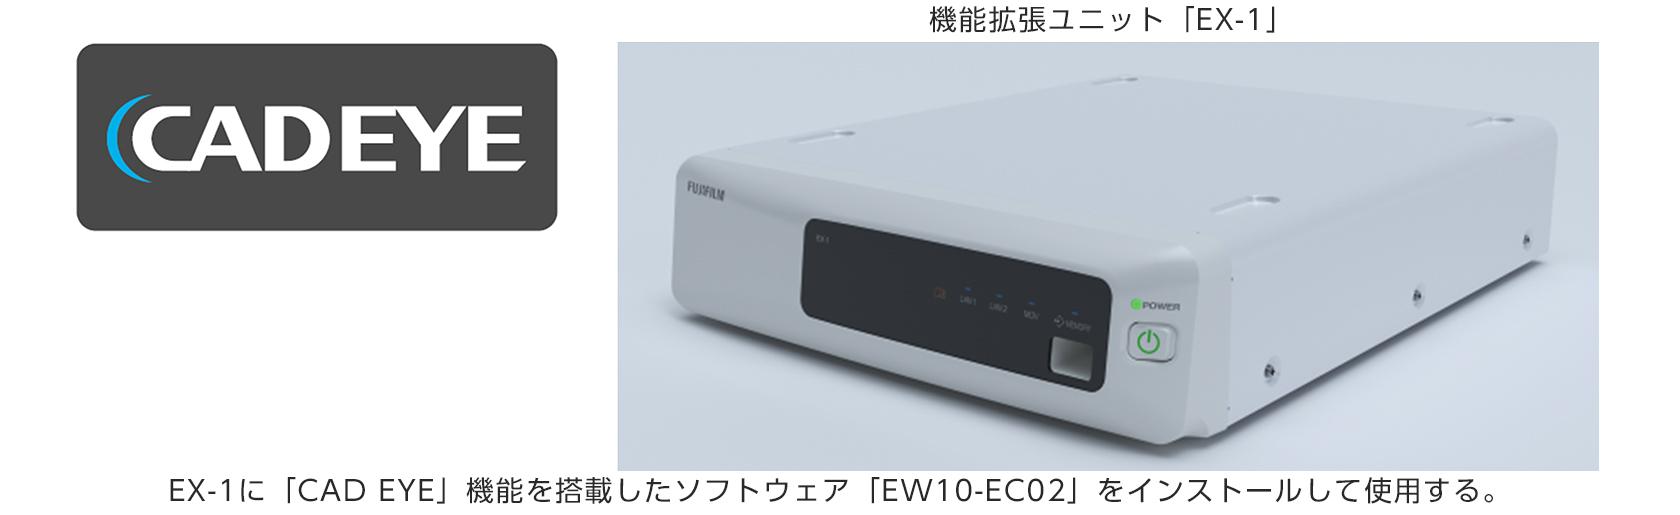 [画像]機能拡張ユニット「EX-1」/ EX-1に「CAD EYE」機能を搭載したソフトウェア「EW10-EC02」をインストールして使用する。